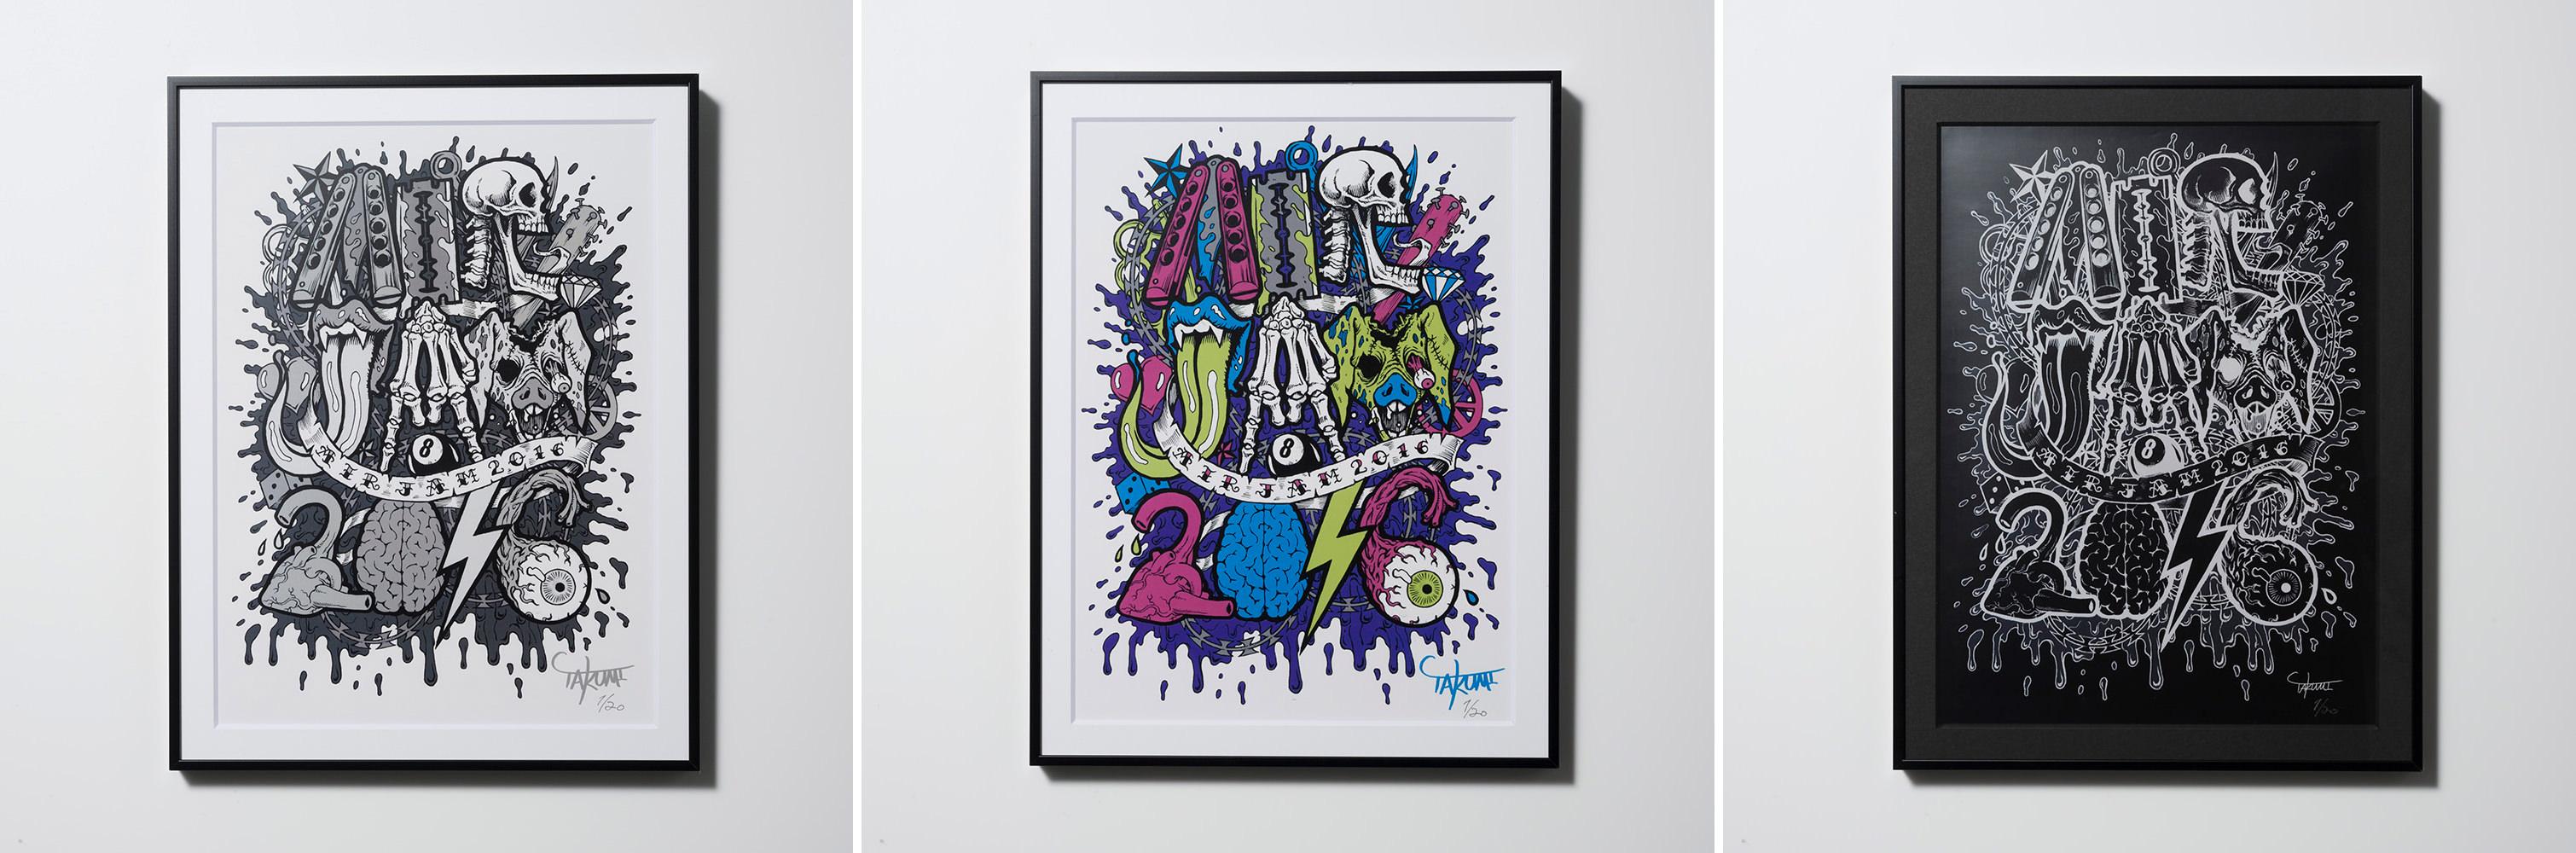 58086e79d4bdd37539b0f8bb_ungreeper-poster-2